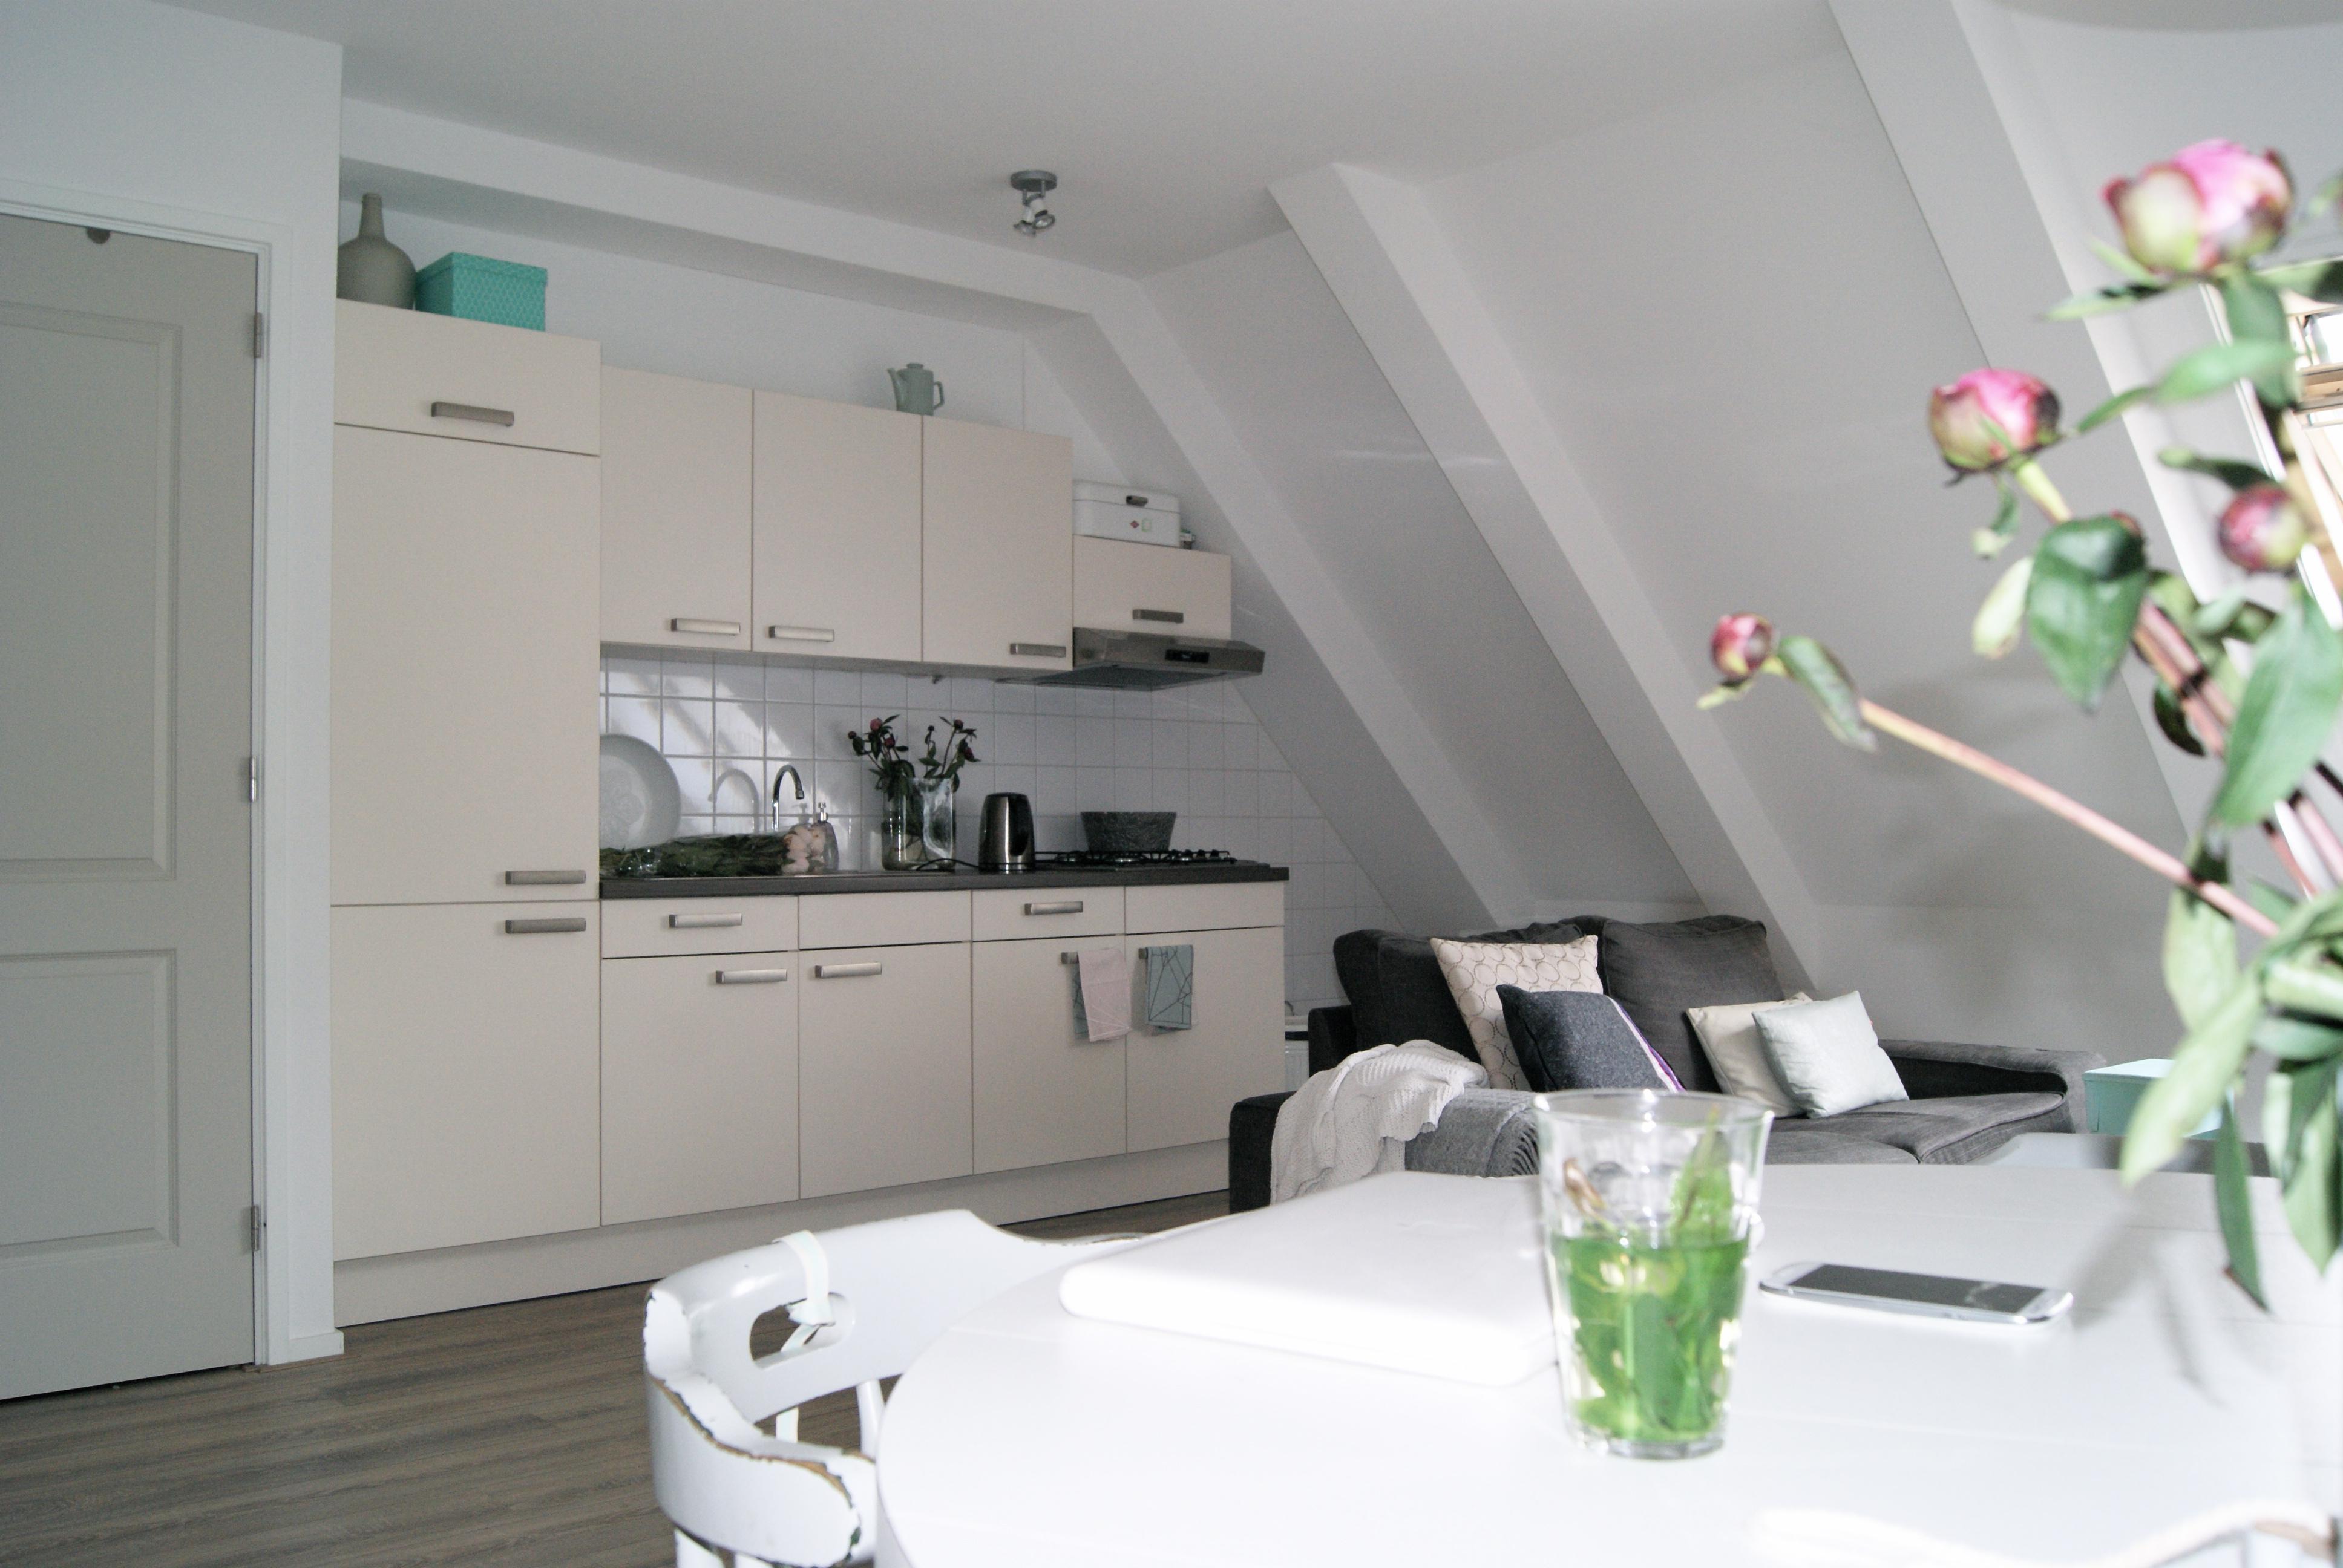 Yvet stylist van o a eigen huis tuin inspiratie voor je interieur - Keuken uitgerust voor klein gebied ...